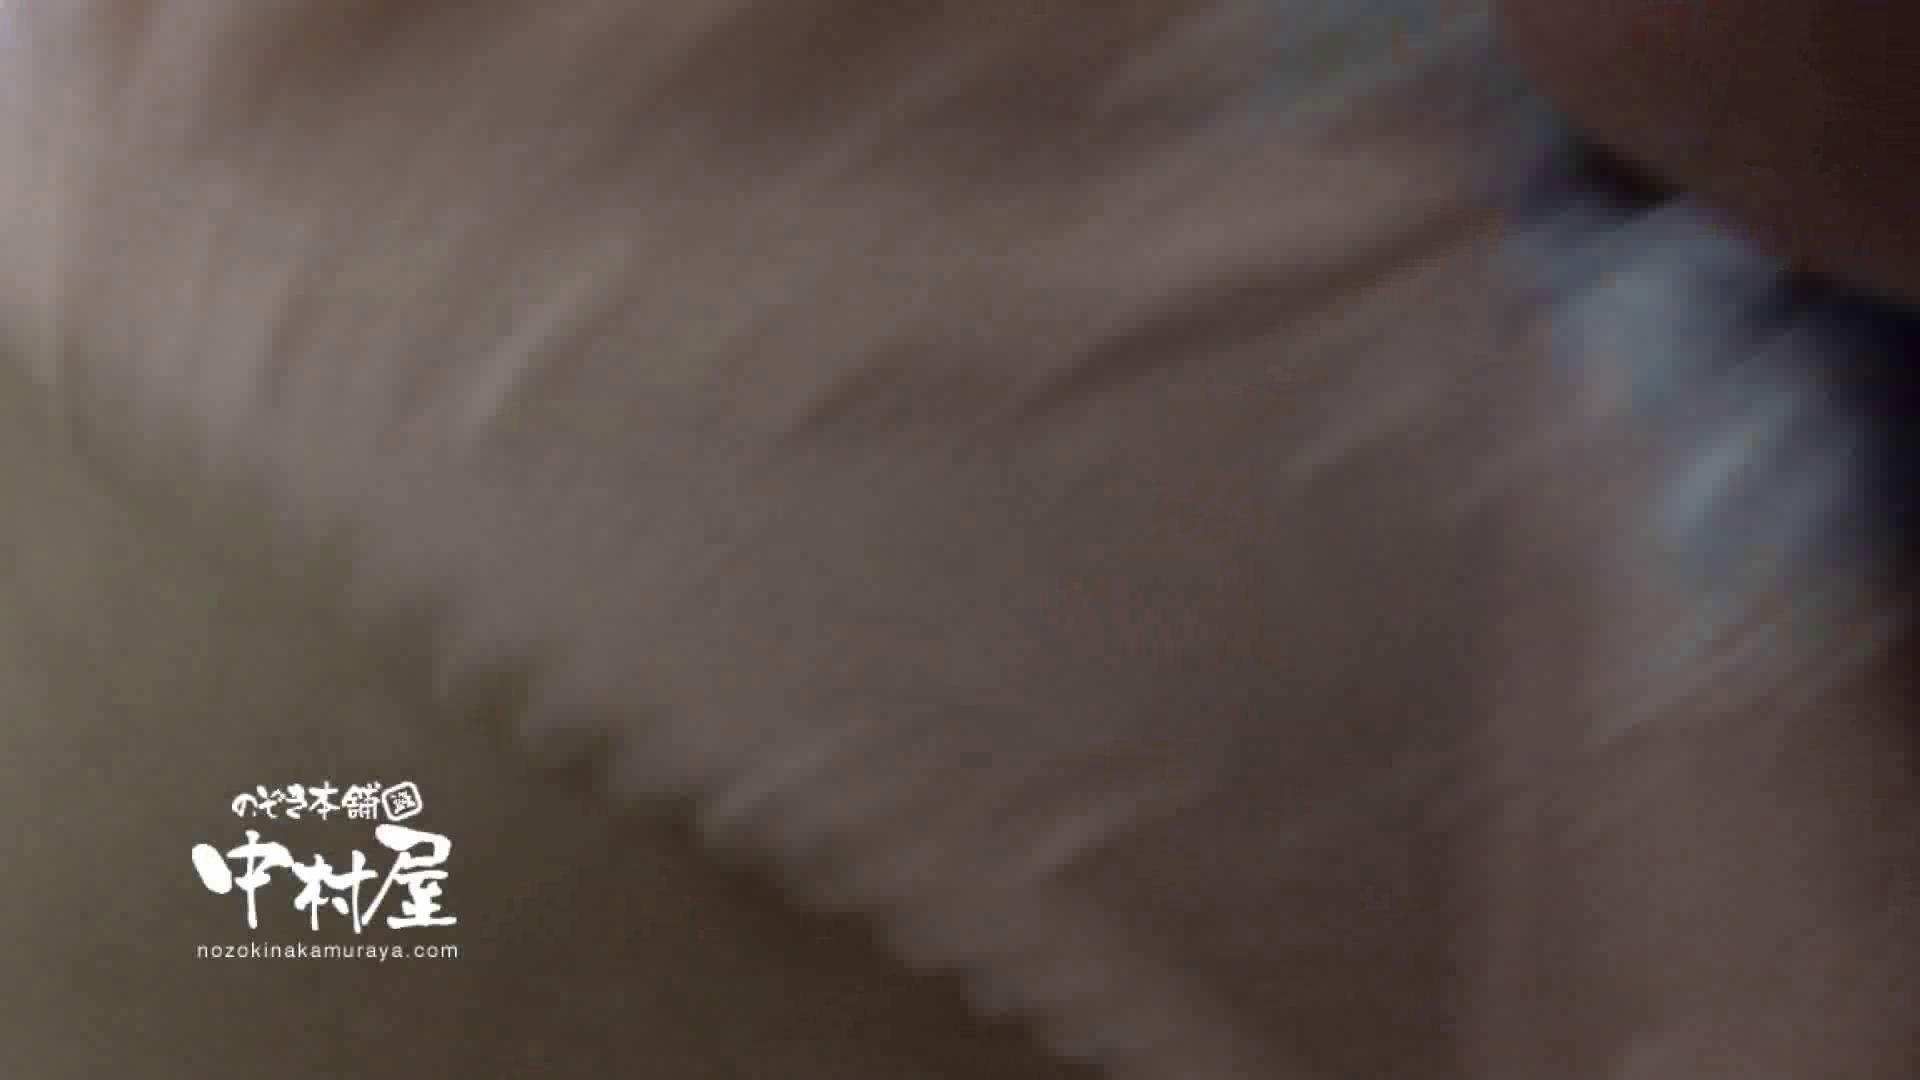 鬼畜 vol.15 ハスキーボイスで感じてんじゃねーよ! 前編 鬼畜   0  83PIX 31